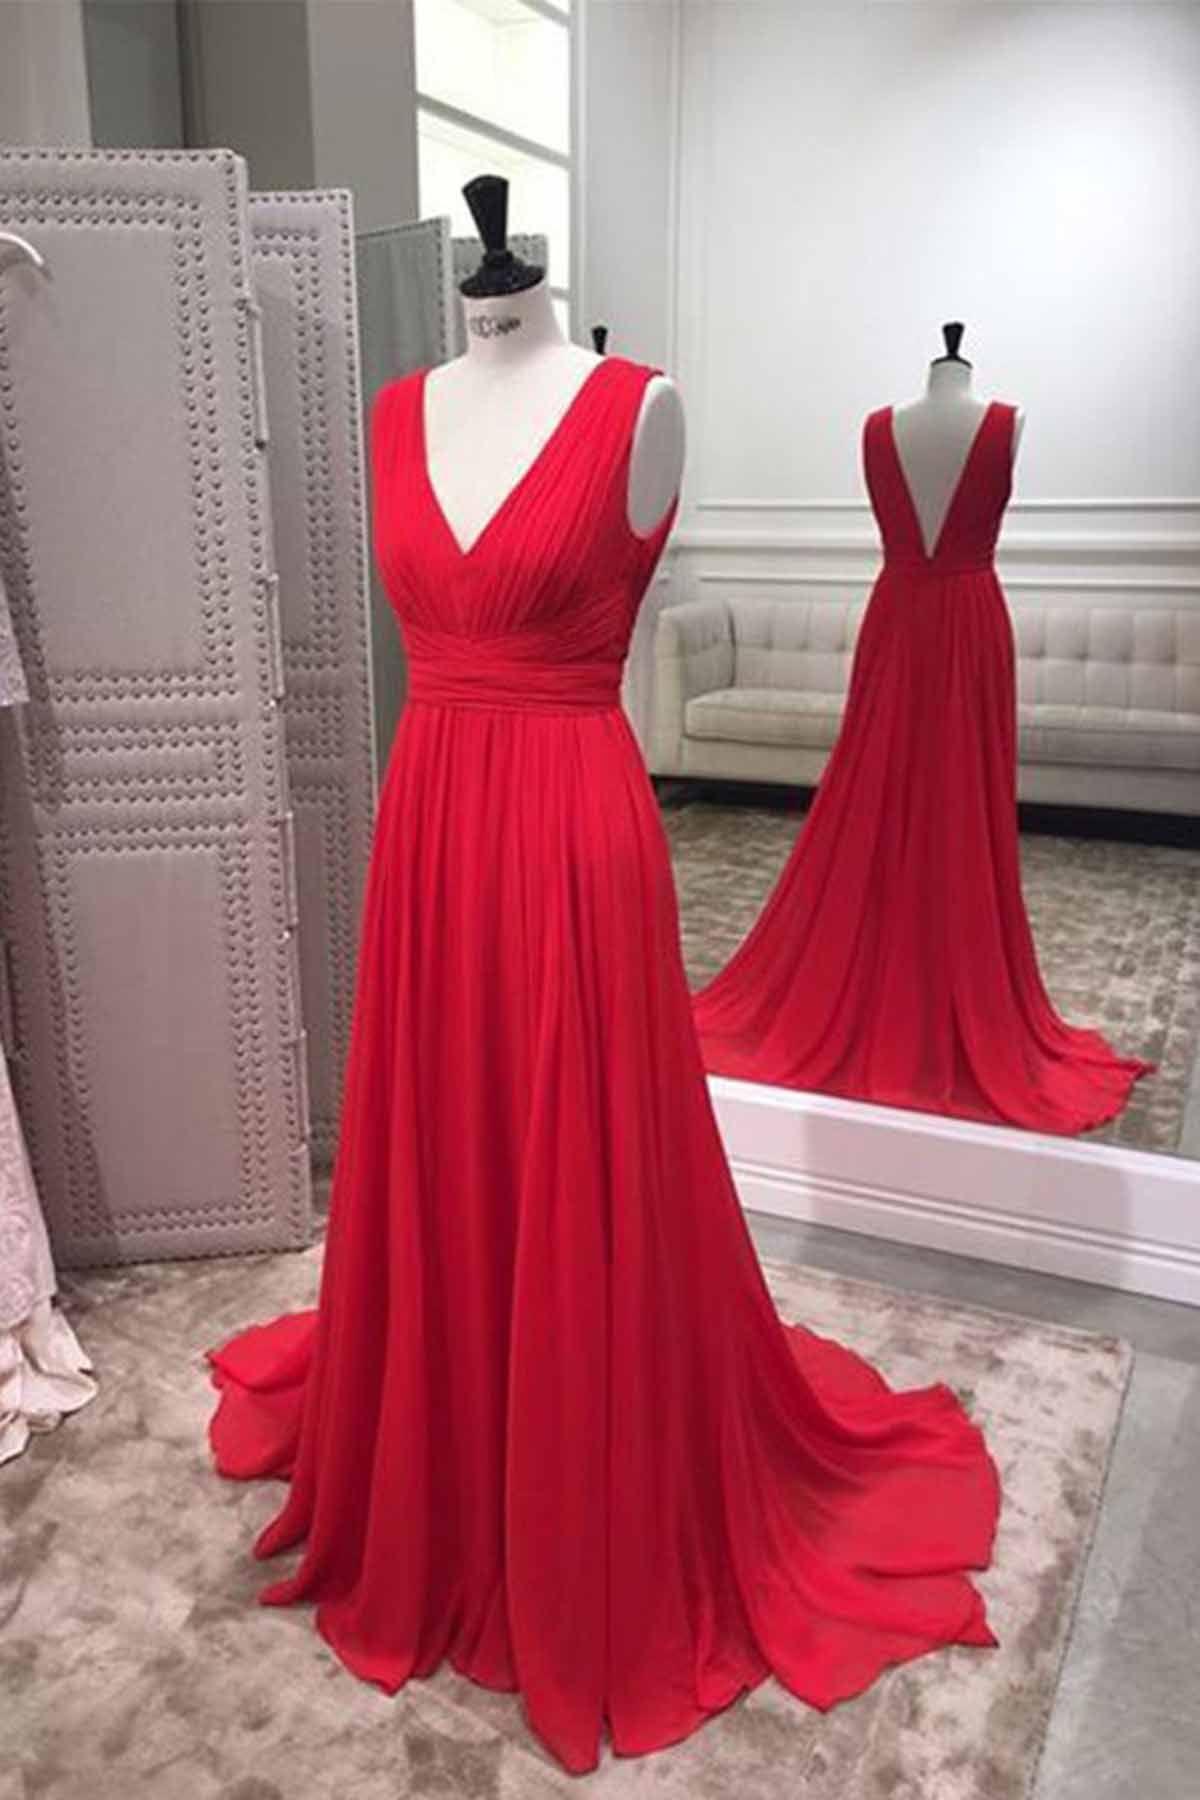 Prom Chiffon klänning prom röd hals brudtärna promdress Lång dress Enkel  Dress promdresses V 1anwSq01xO ef50d4b85d583